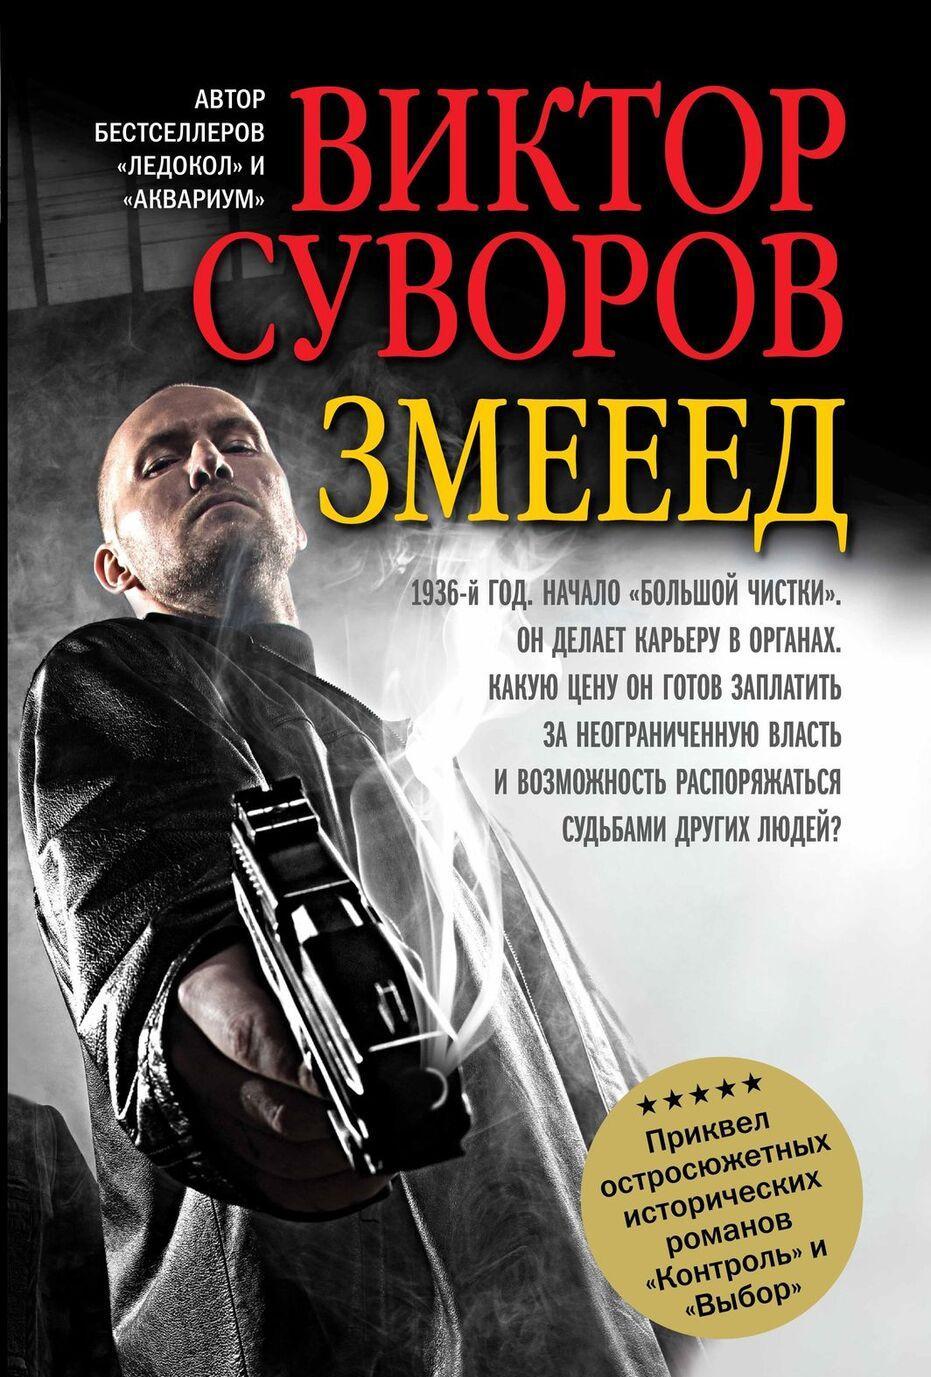 """Zmeeed. Povest. Prikvel ostrosjuzhetnykh romanov """"Kontrol"""" i """"Vybor""""."""